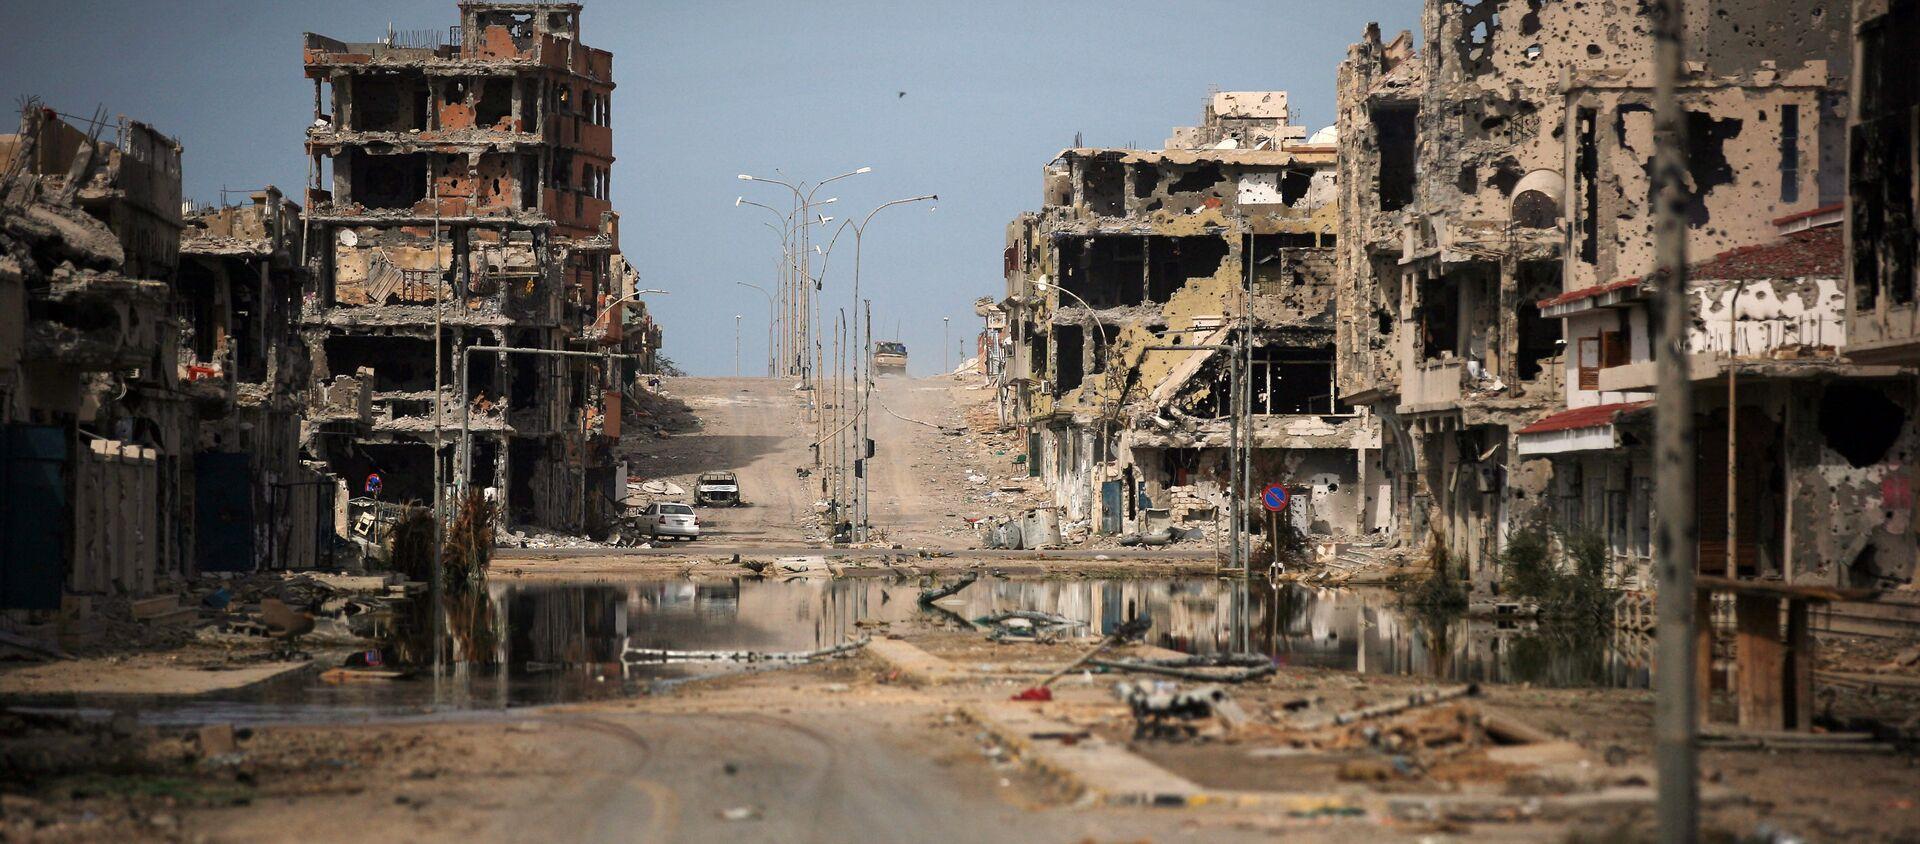 Oštećene zgrade u libijskom gradu Sirtu - Sputnik Srbija, 1920, 15.02.2021